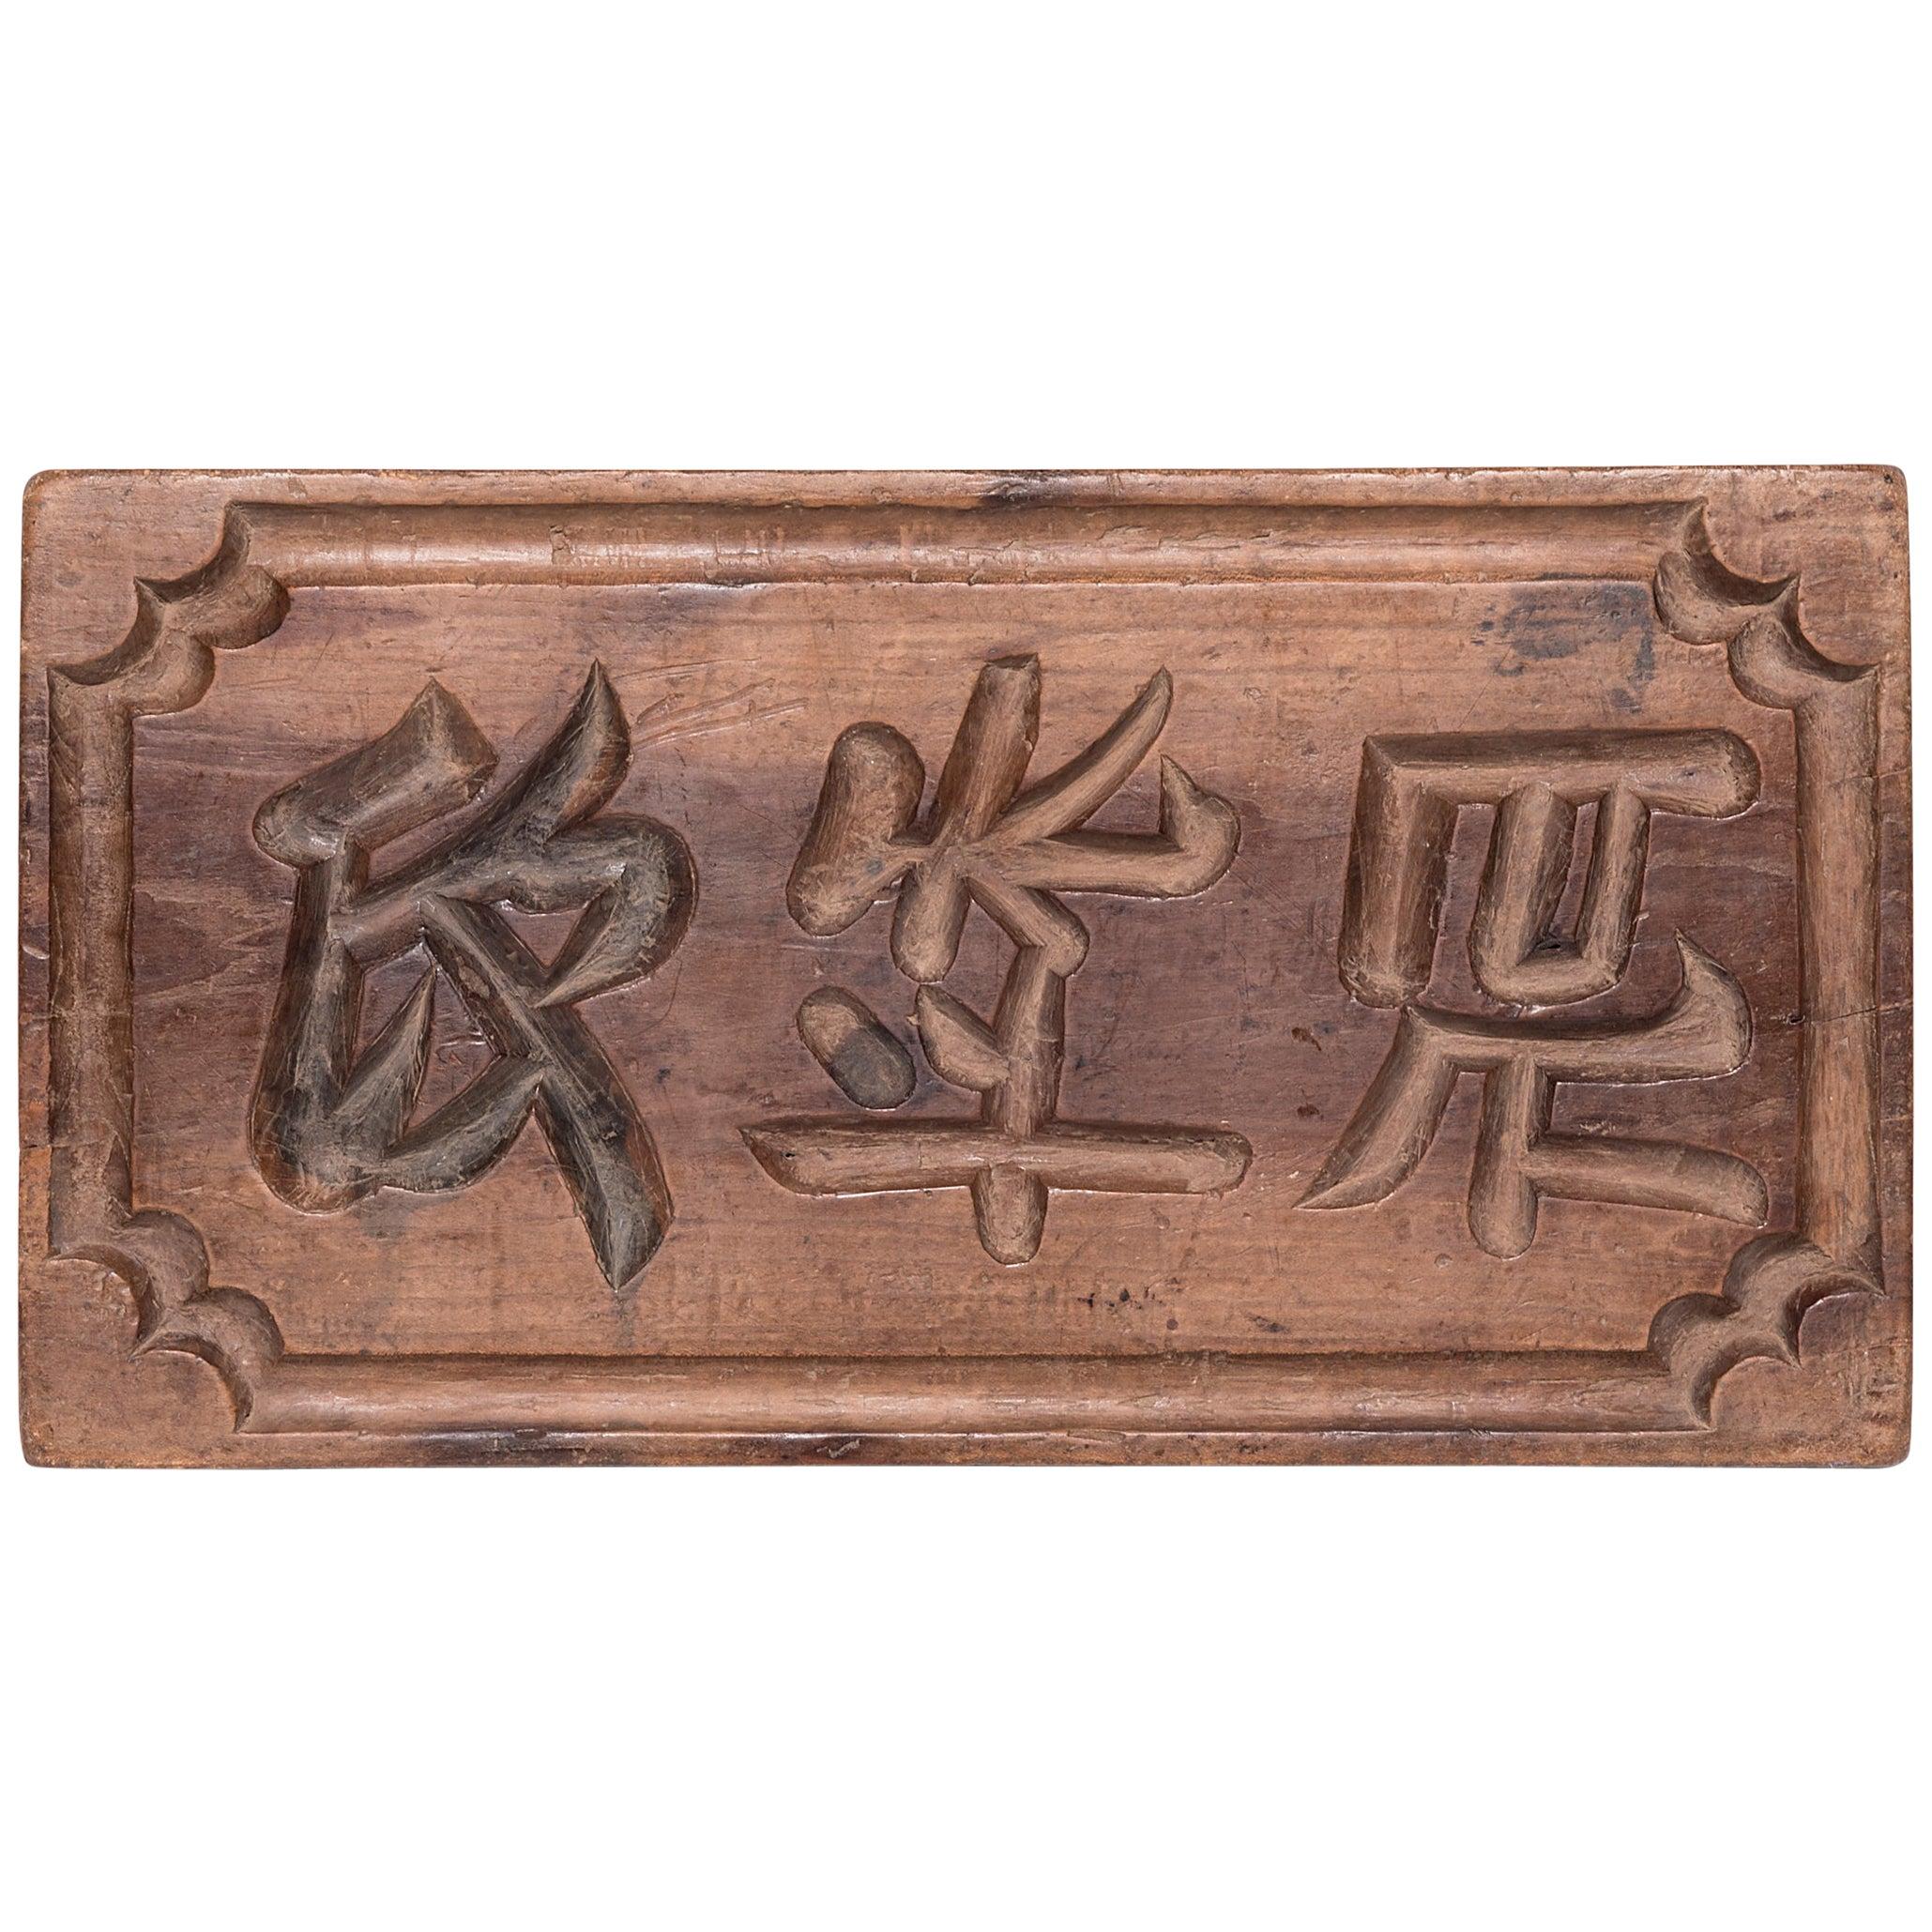 Chinese Handheld Ink Block, c. 1900